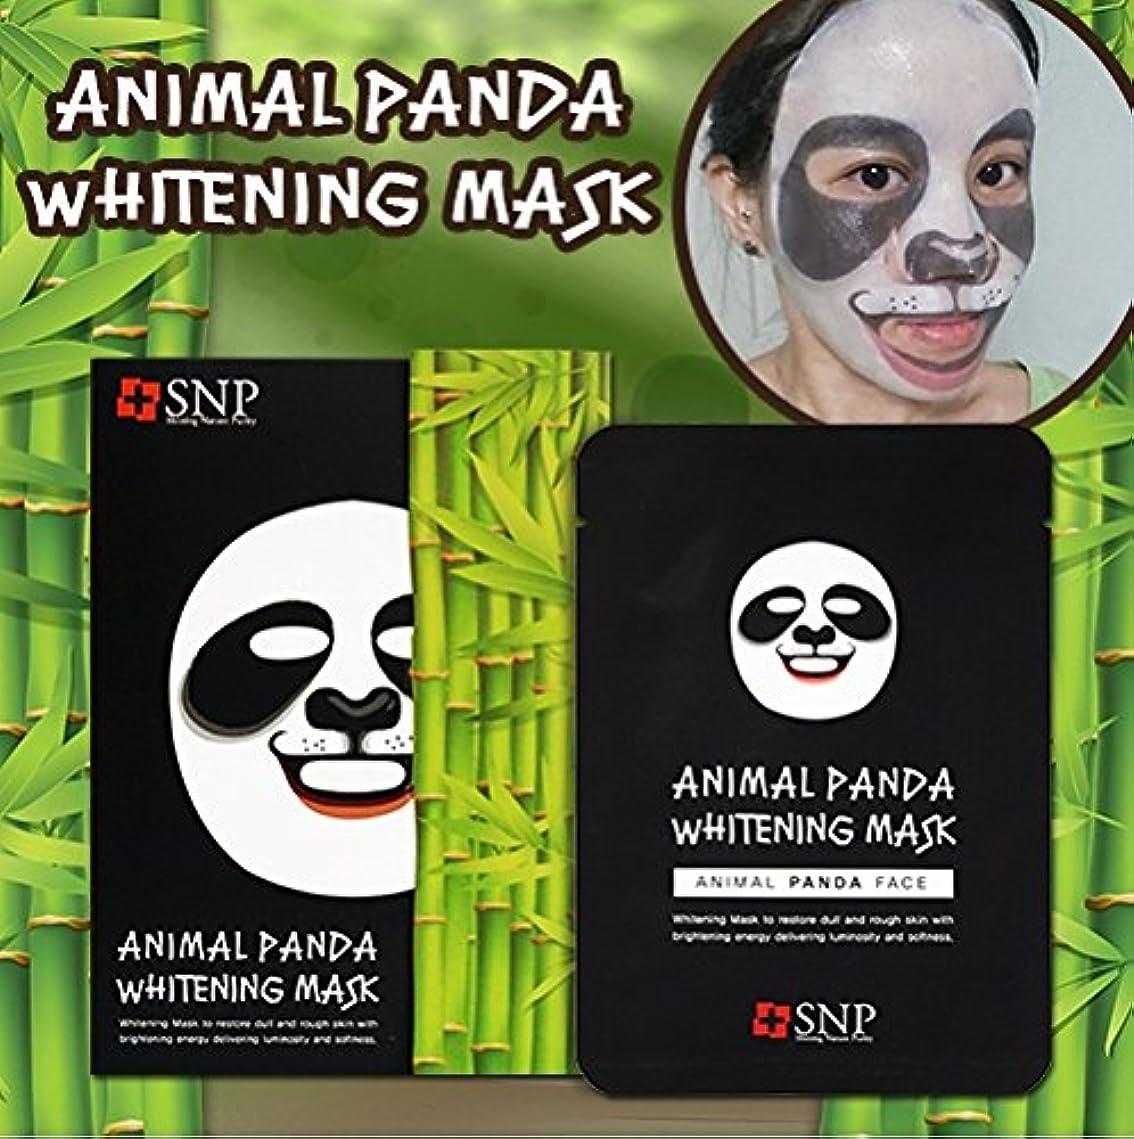 専門用語血危険を冒します(SNP)アニマルパンダホワイトニングマスク 灰色がかった肌色の改善10本入[並行輸入品]SNP Animal Panda Whitening Face Mask Pack x10EA